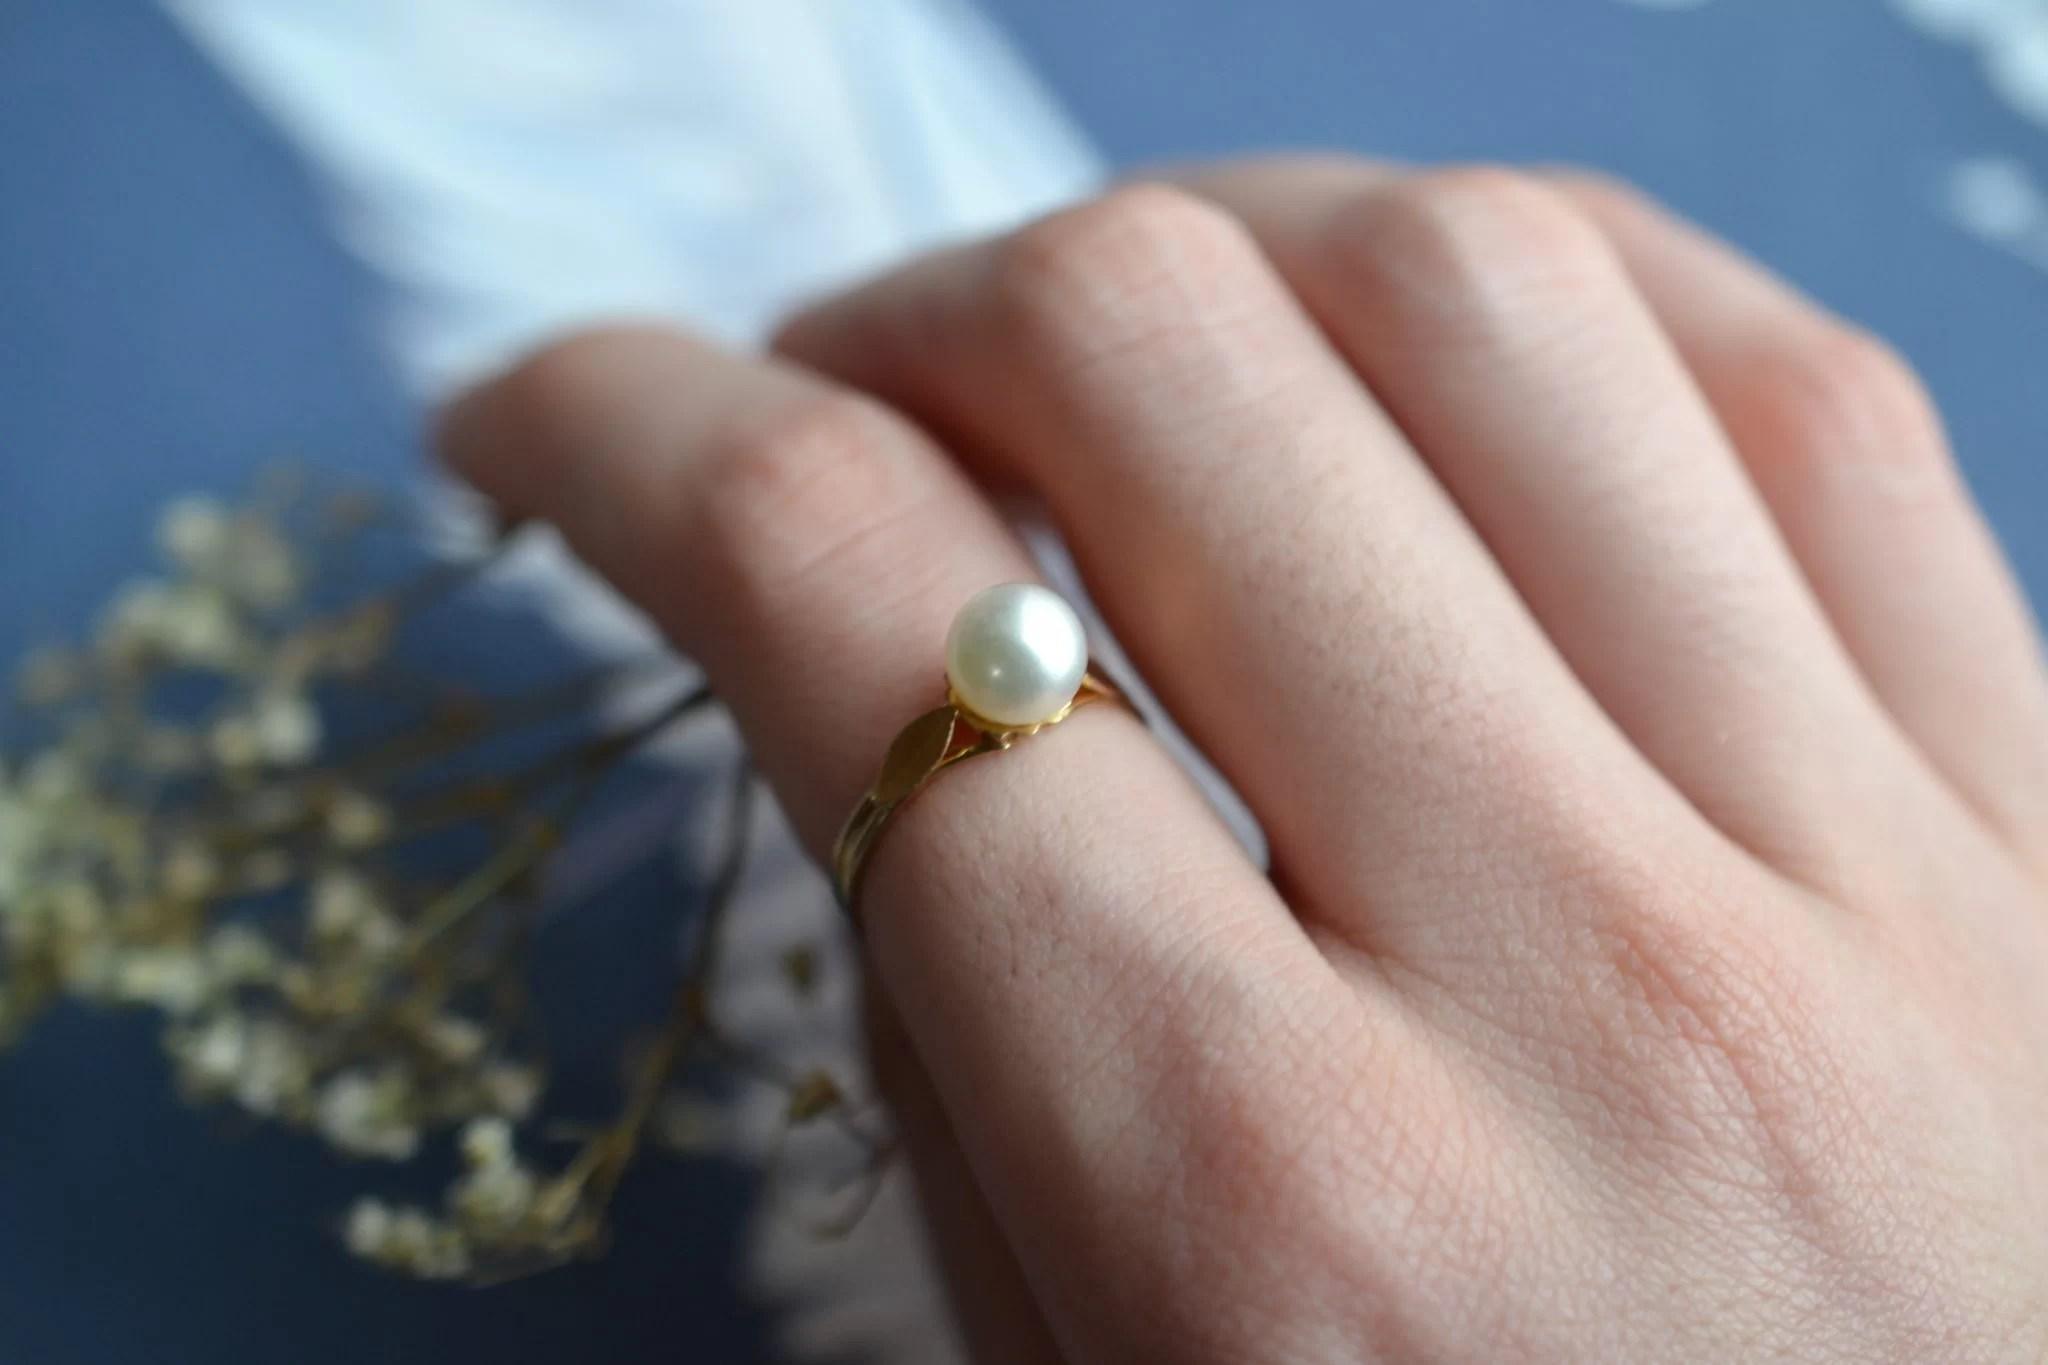 Bague en Or jaune ornée d_une perle - bague de seconde main